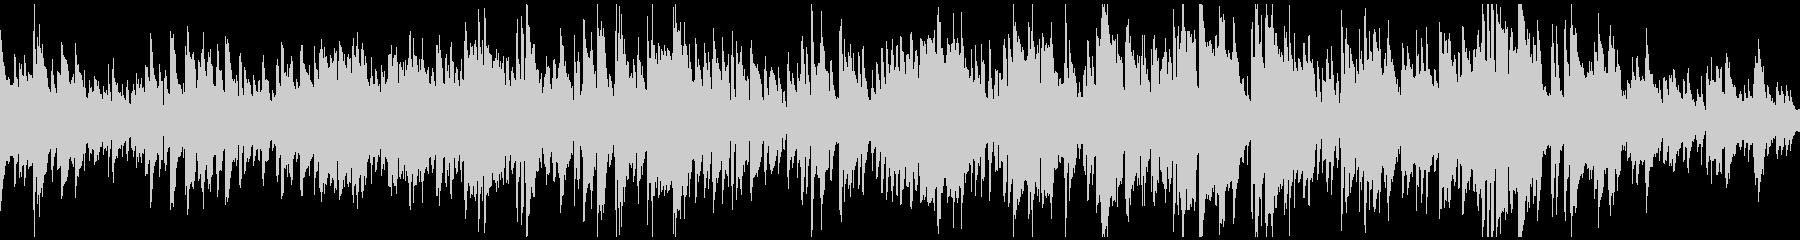 マイナー調のボサノバ・ジャズ ※ループ版の未再生の波形